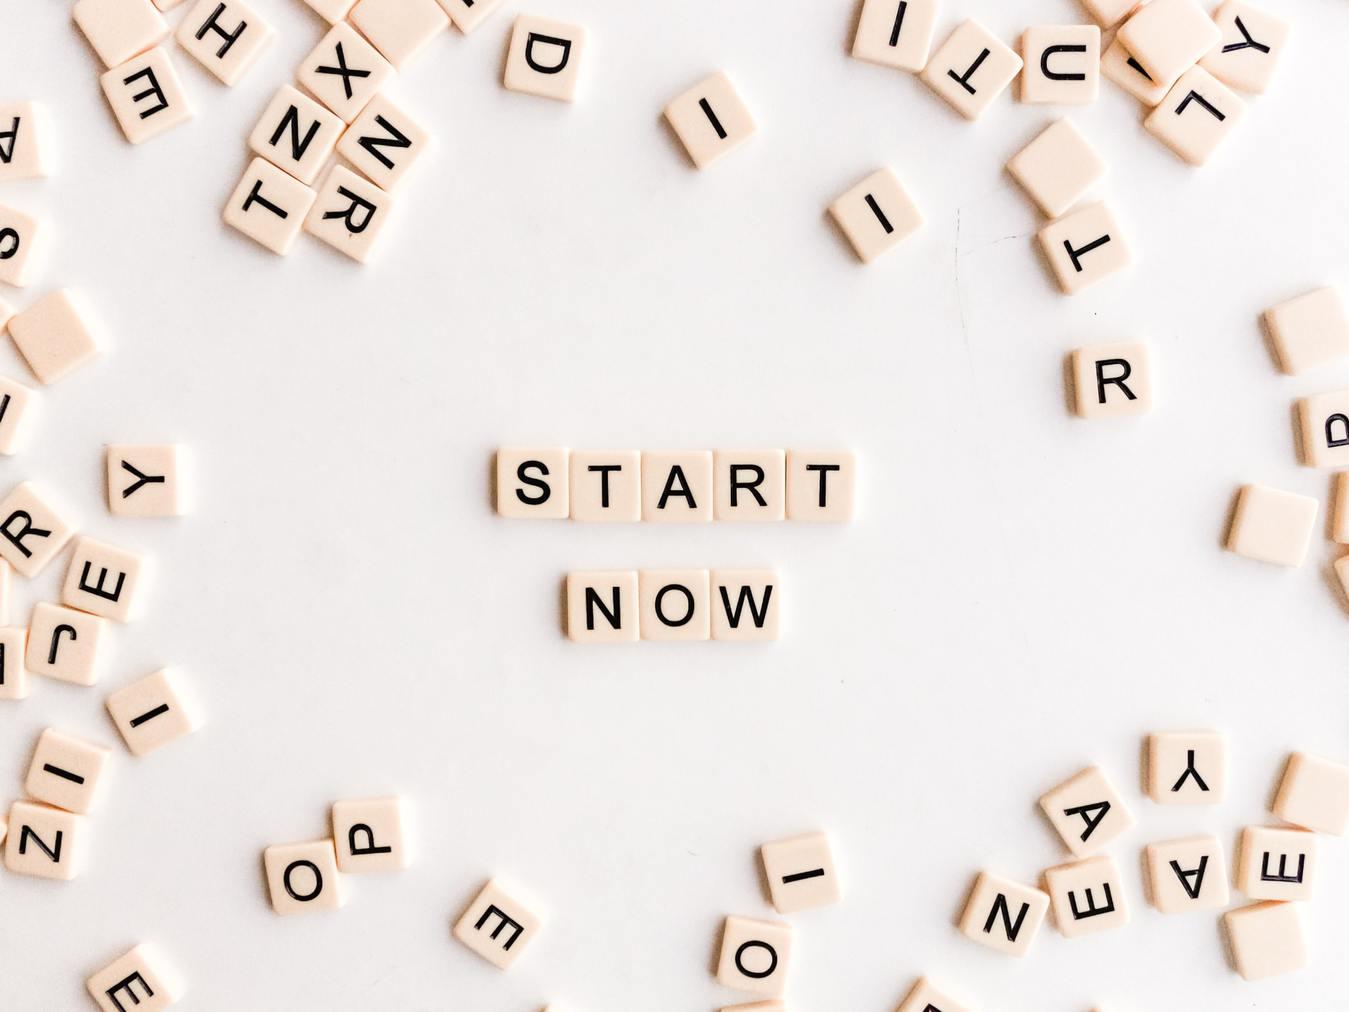 Kwadratowe literki tworzące napis Start now.